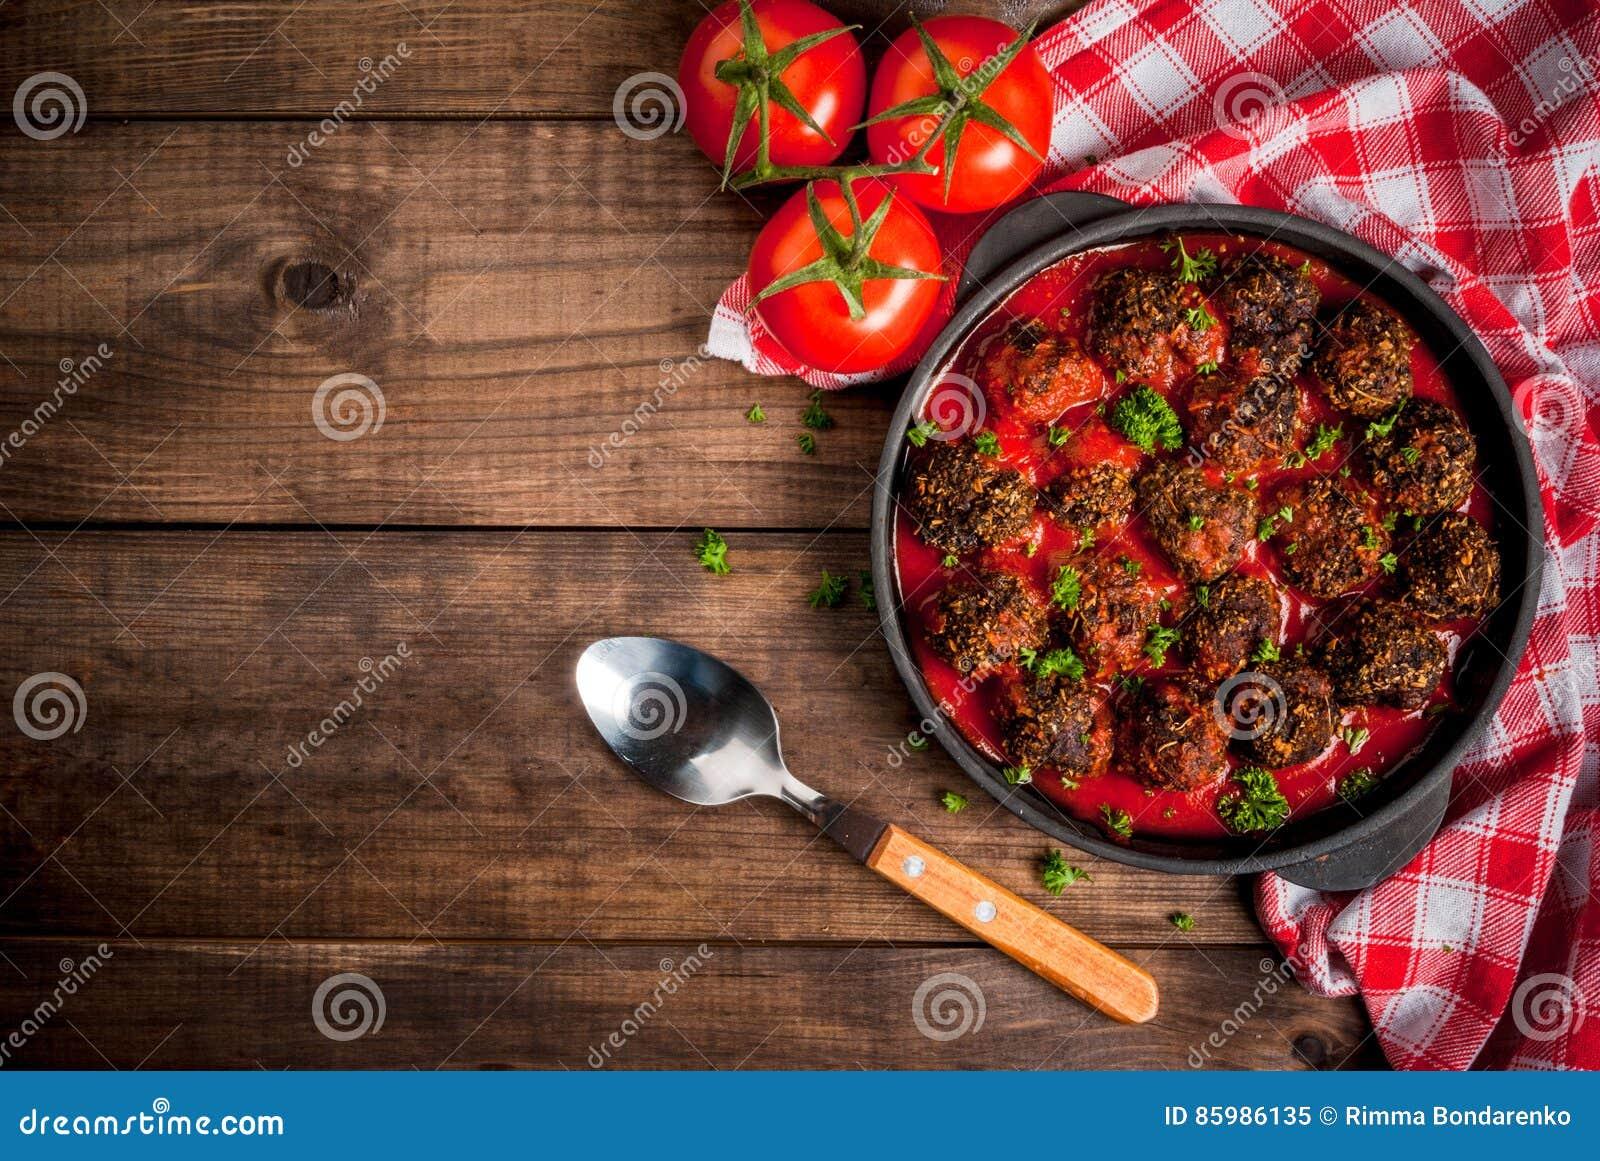 Boulettes de viande hachées faites maison de boeuf